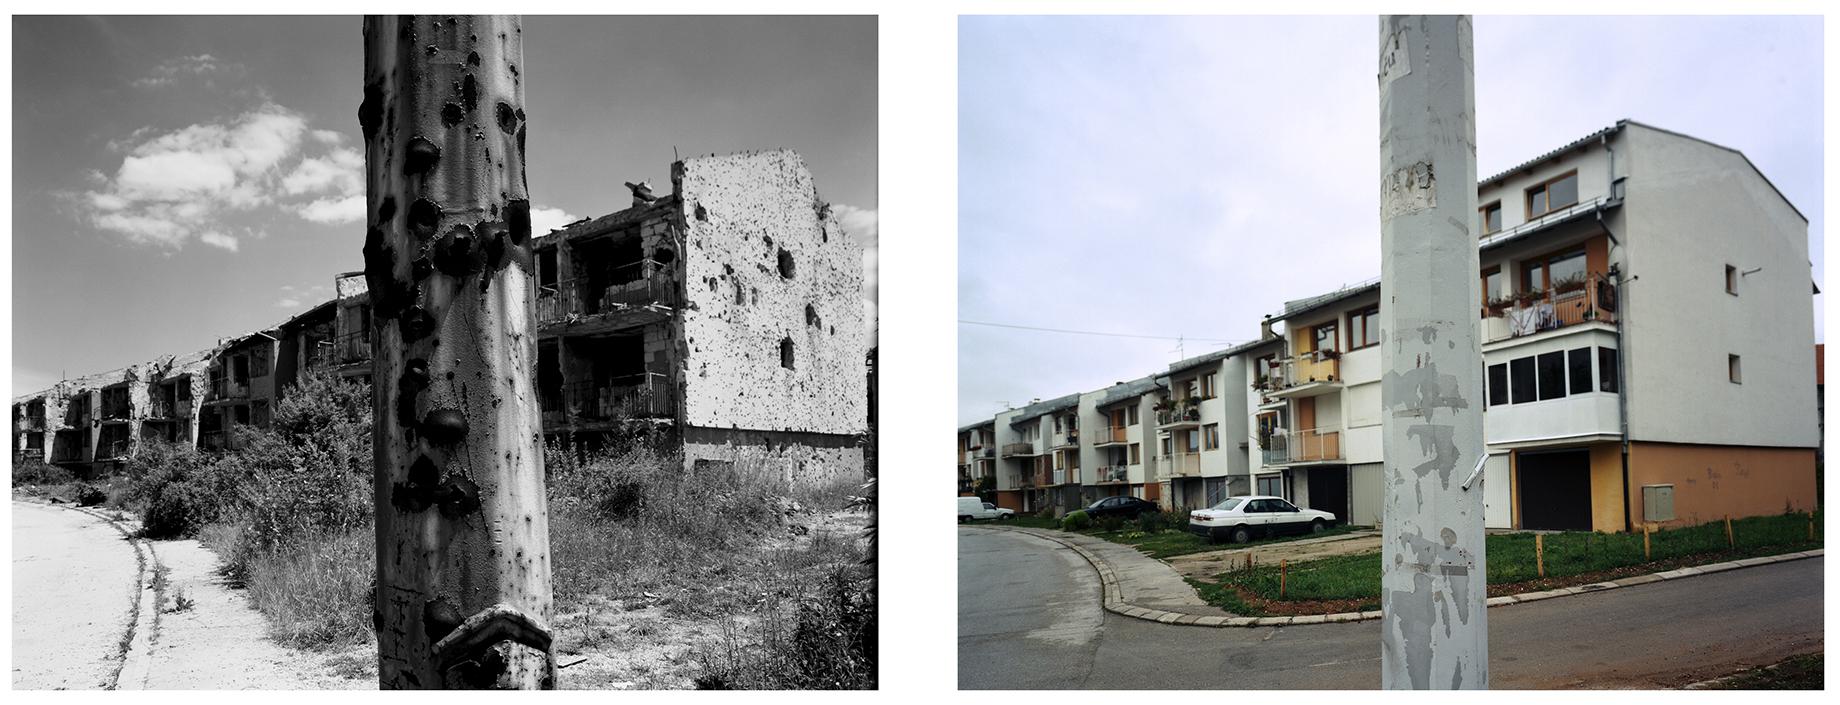 Dobrinja quarter of Sarajevo.